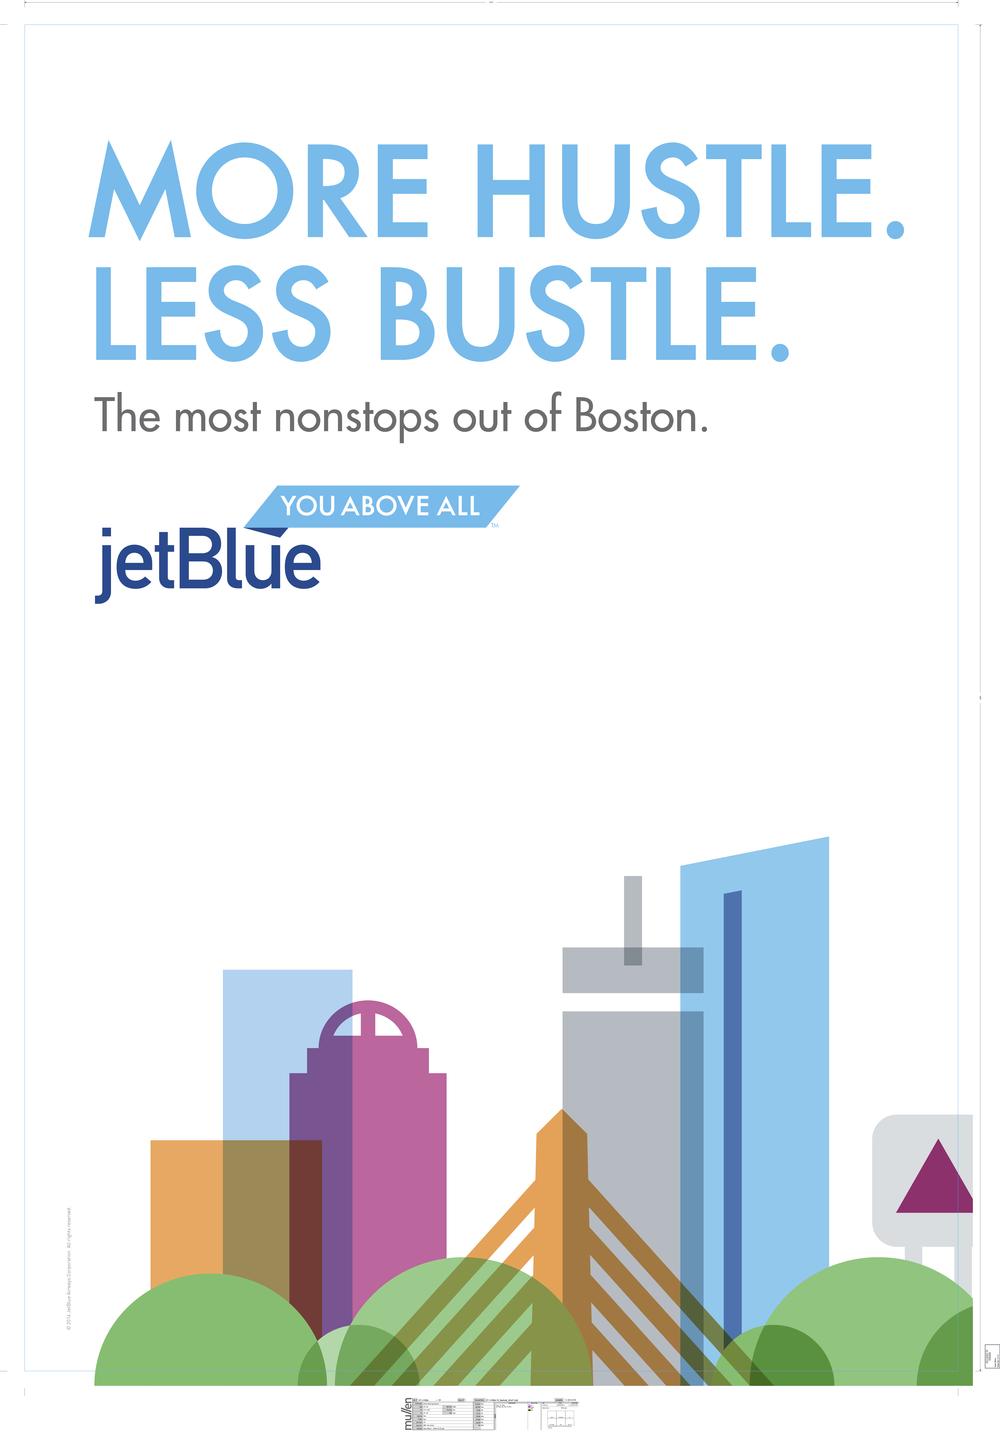 More Hustle, Less Bustle.jpg